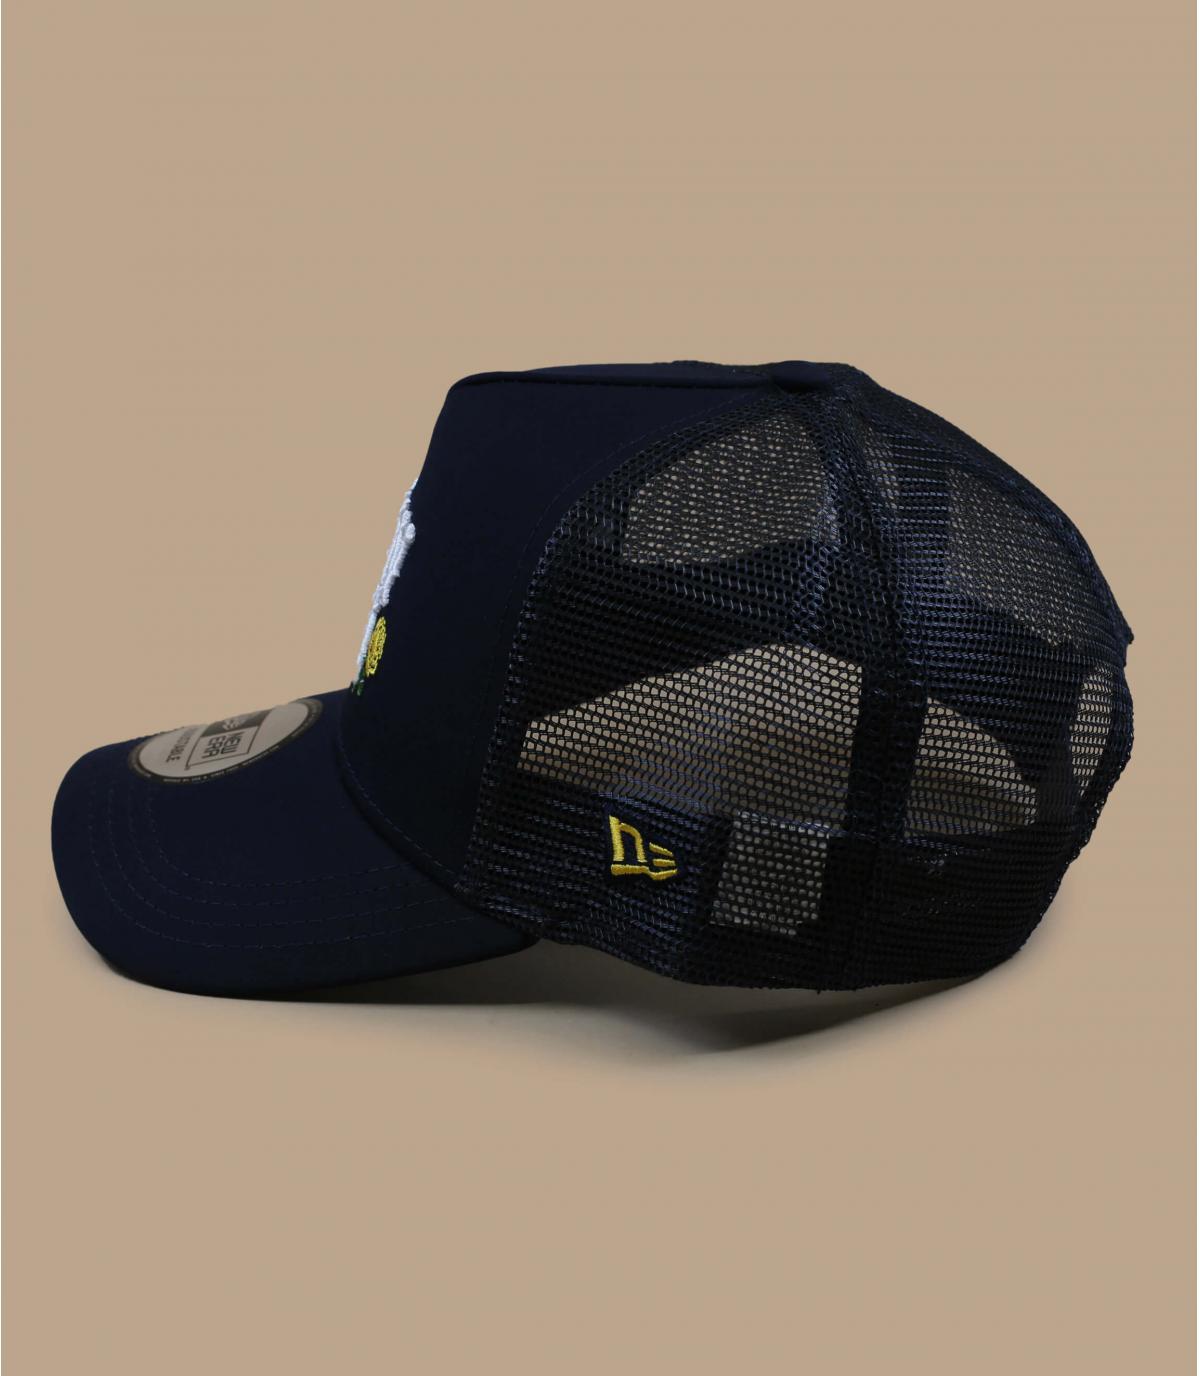 casquette New Era bleu